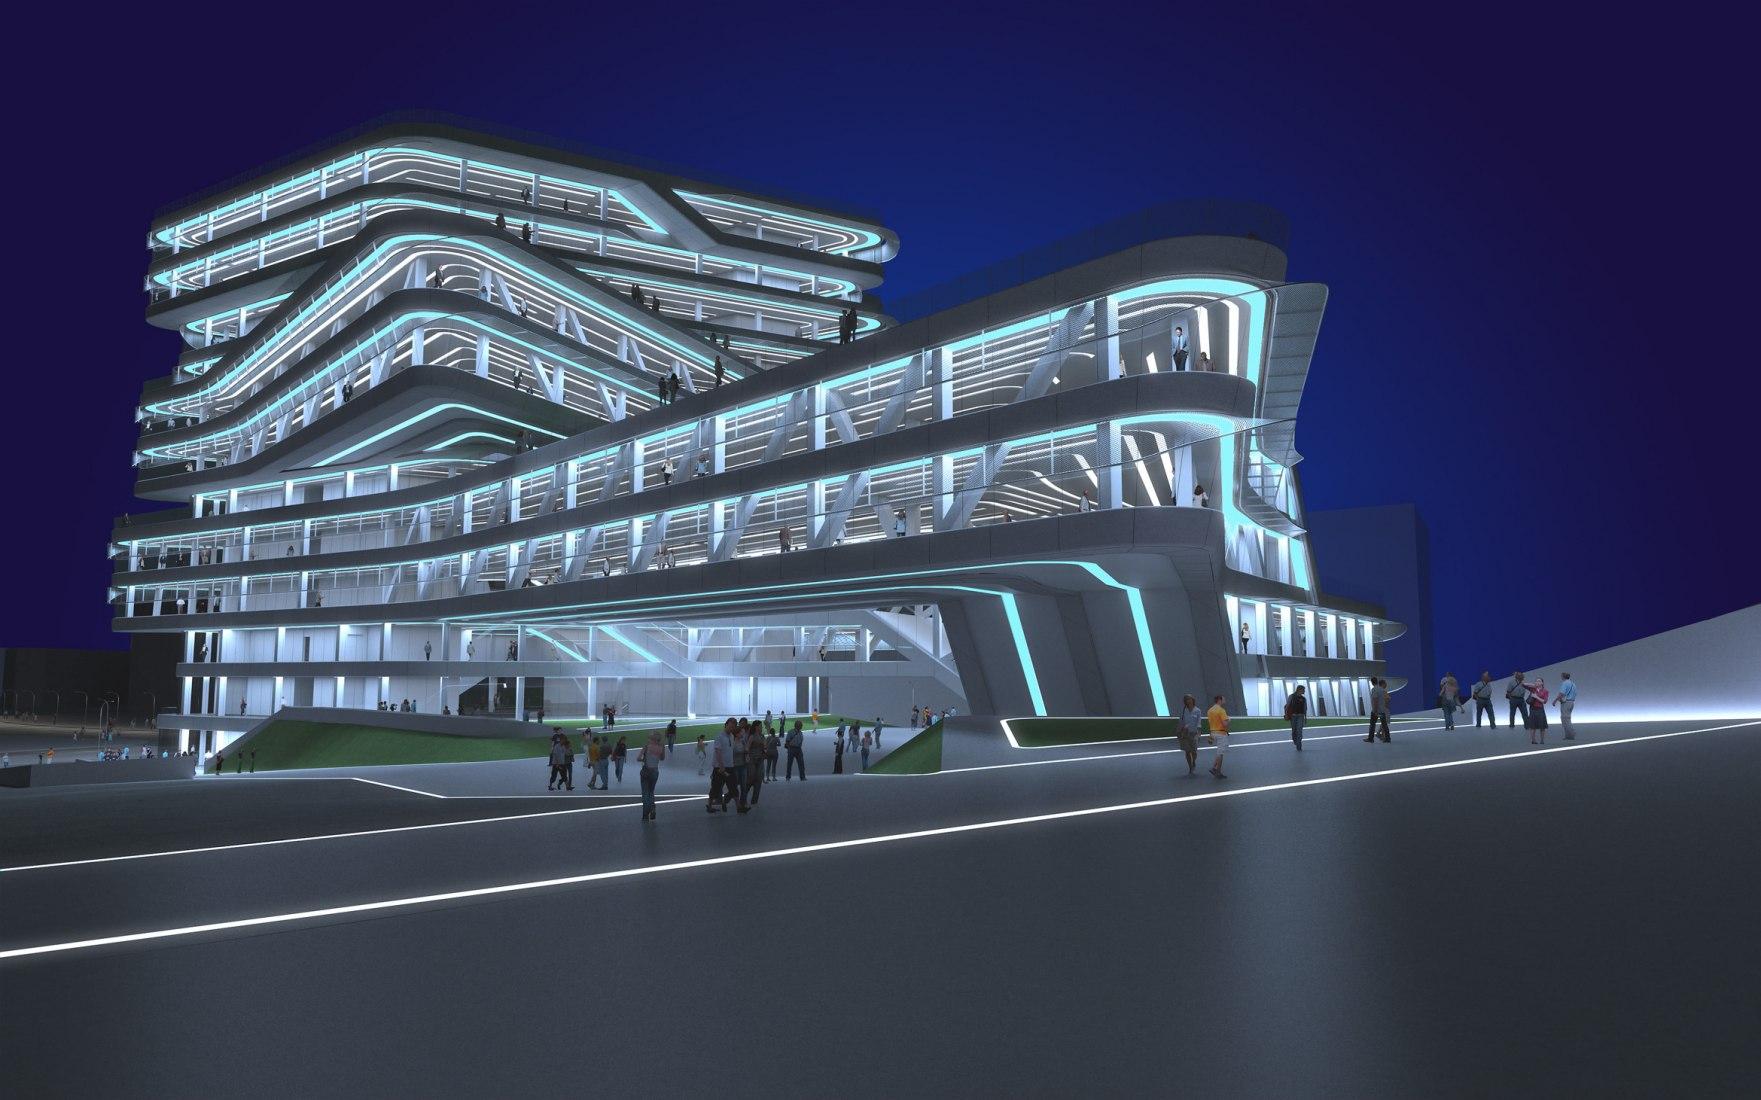 Proyecto del edificio en construcción Torre Espiral, de Barcelona, de Zaha Hadid. ZAHA HADID.